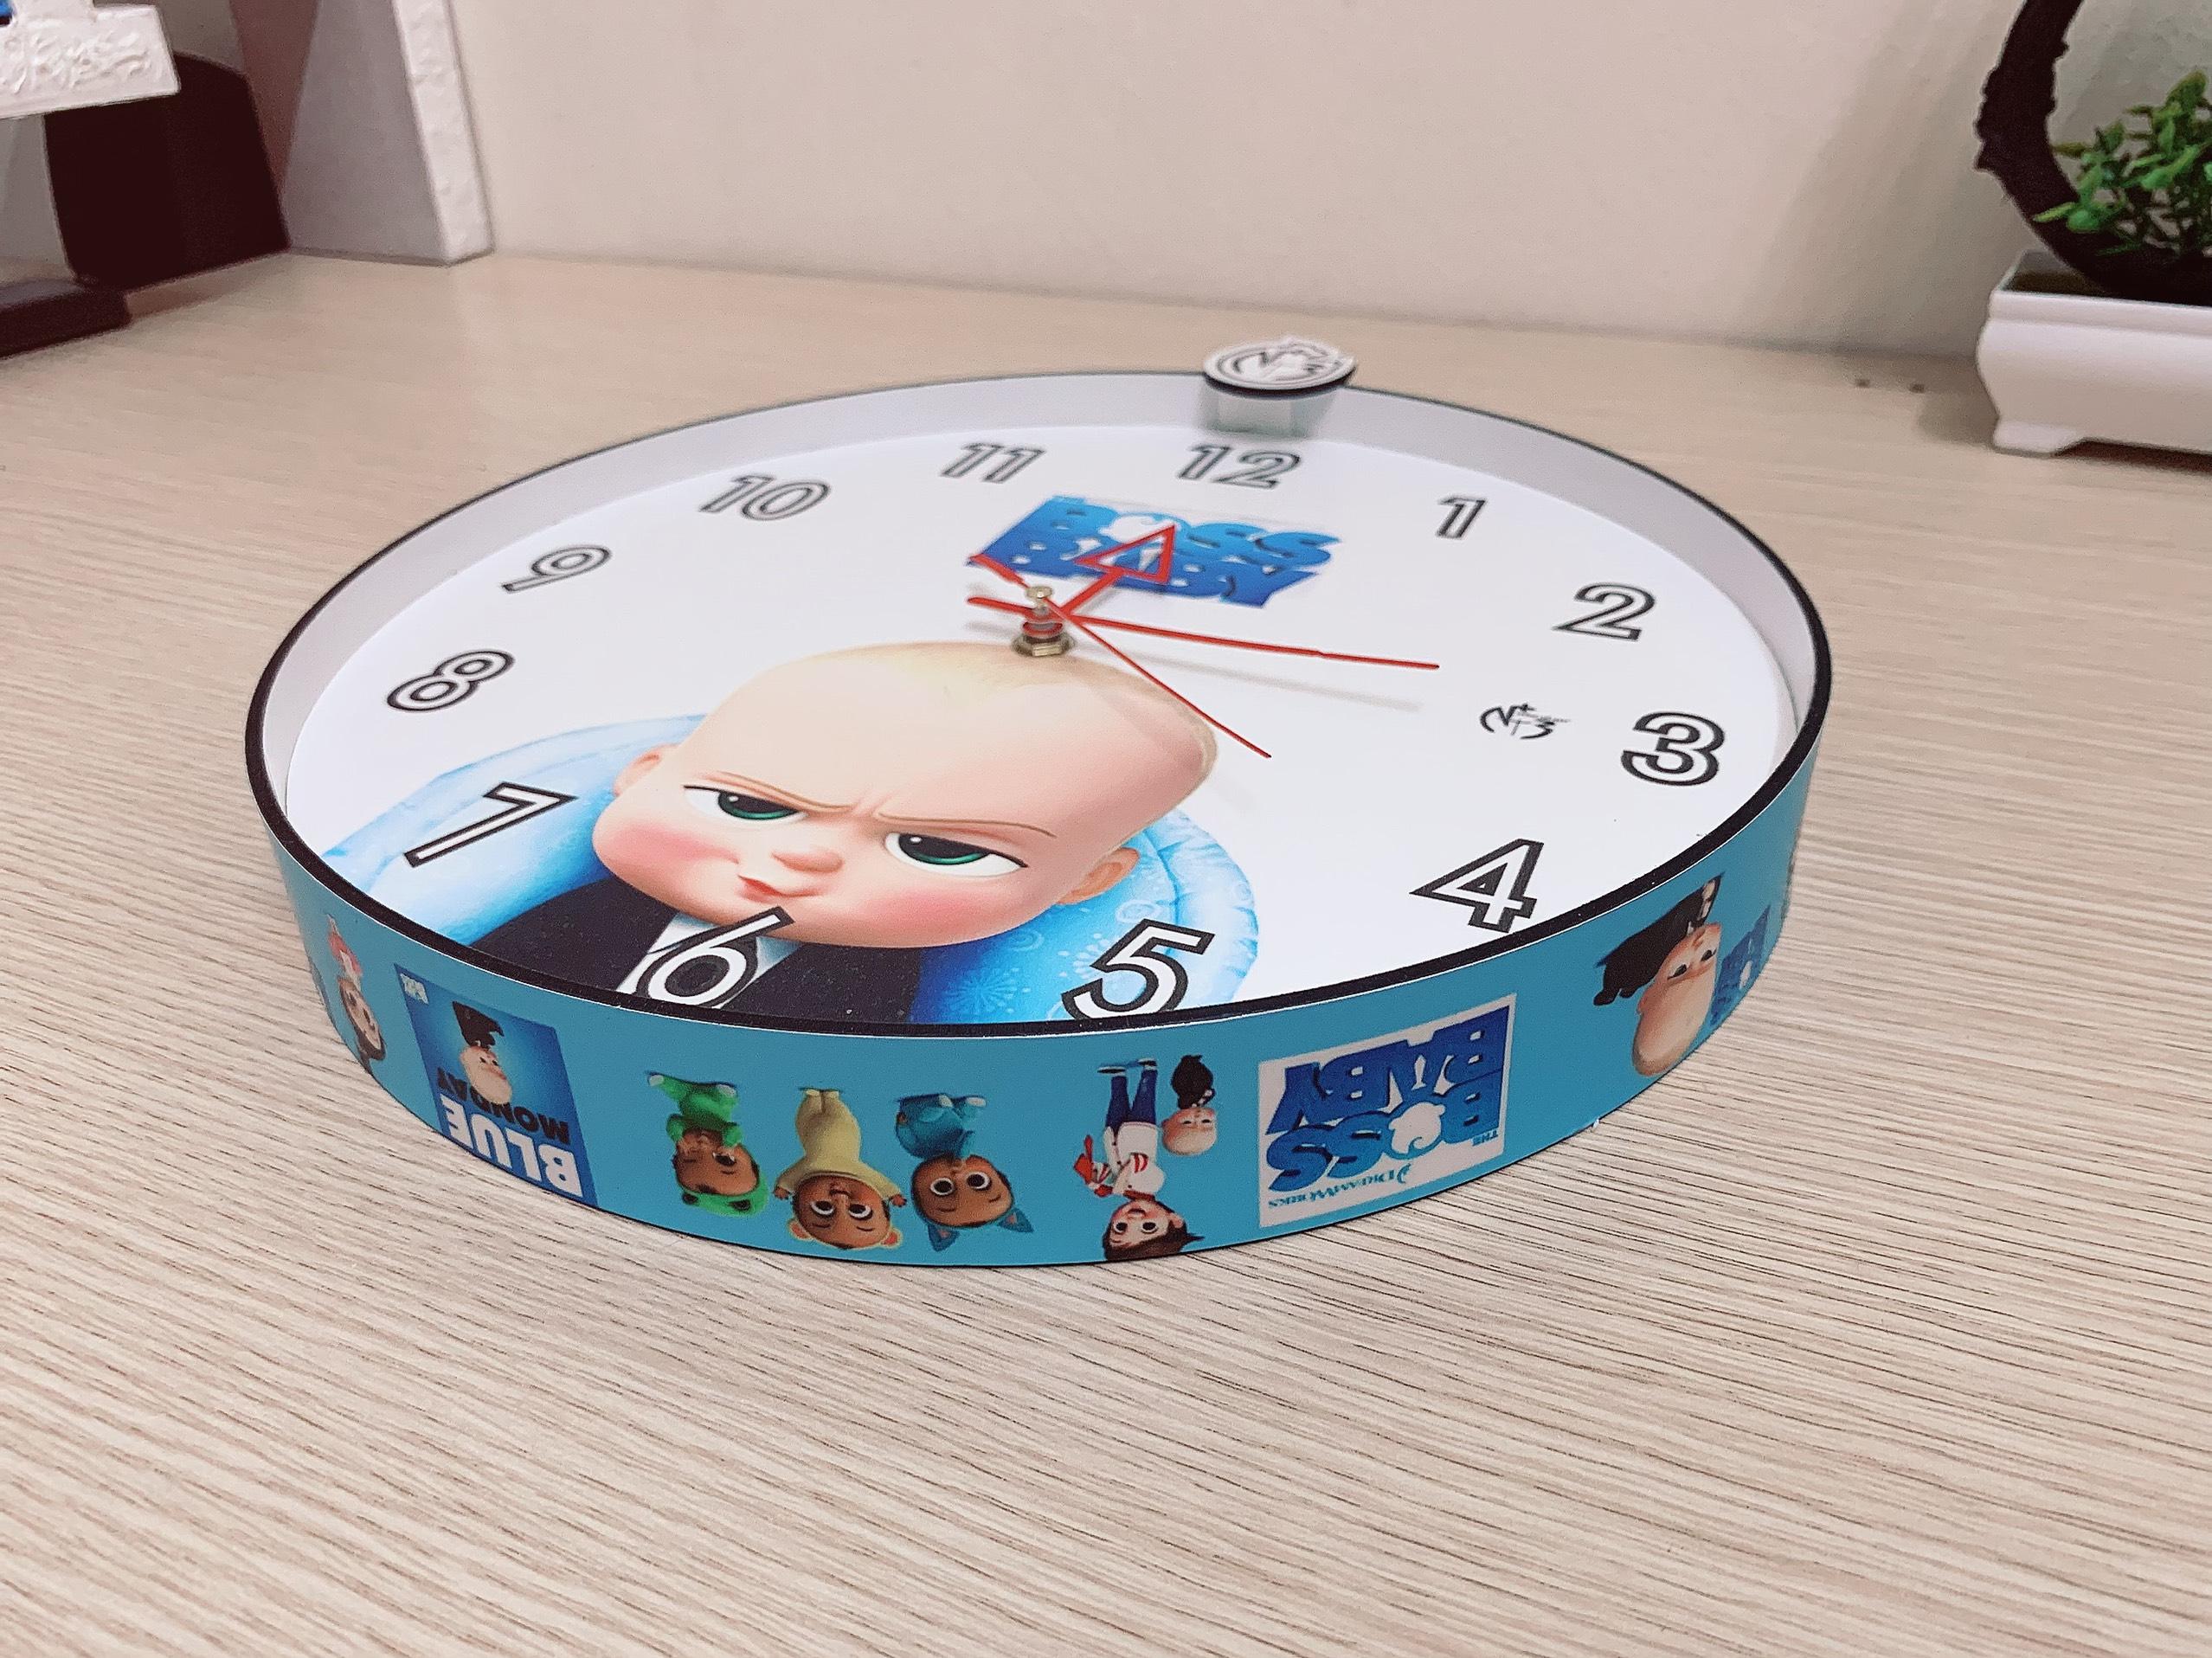 Đồng hồ trang trí treo tường độc đáo BOSS BABY, kim trôi, không gây tiếng ồn, sản xuất thủ công